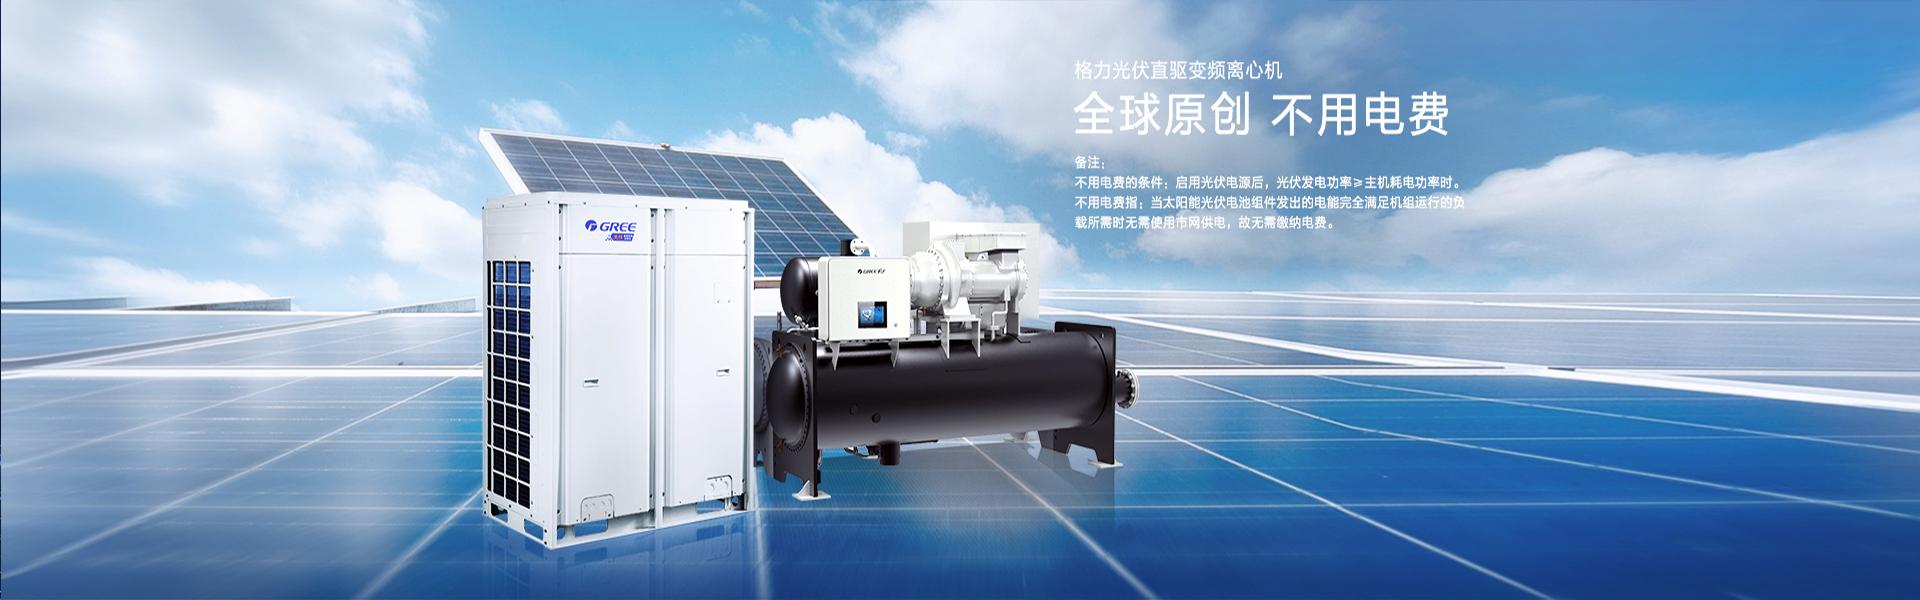 绵阳江油家用格力中央空调安装设计方案需要考虑的地方